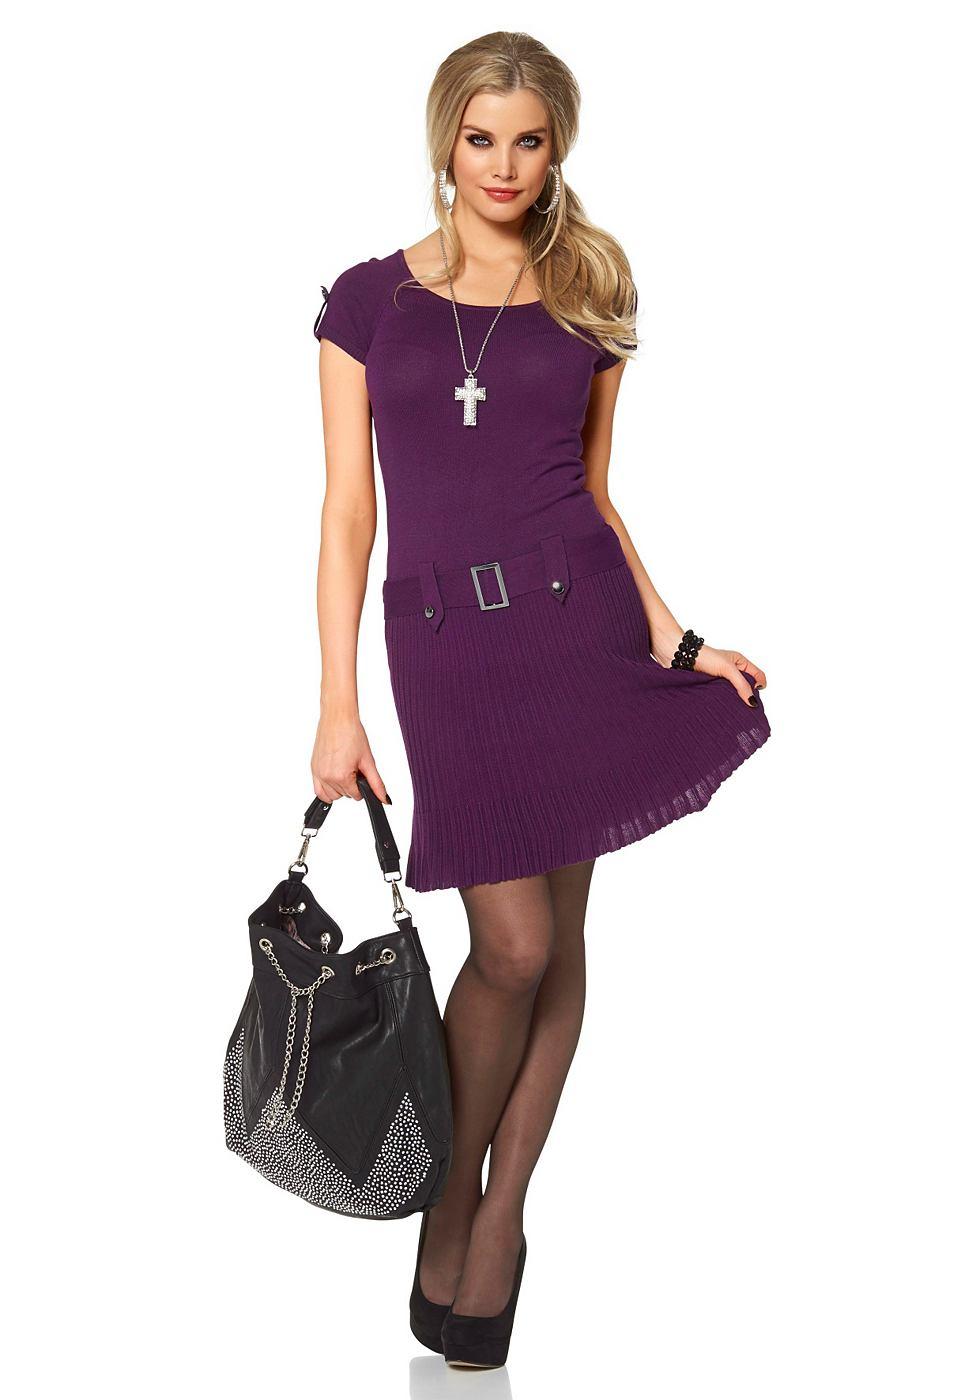 Melrose Tricot-jurk met sierceintuur paars